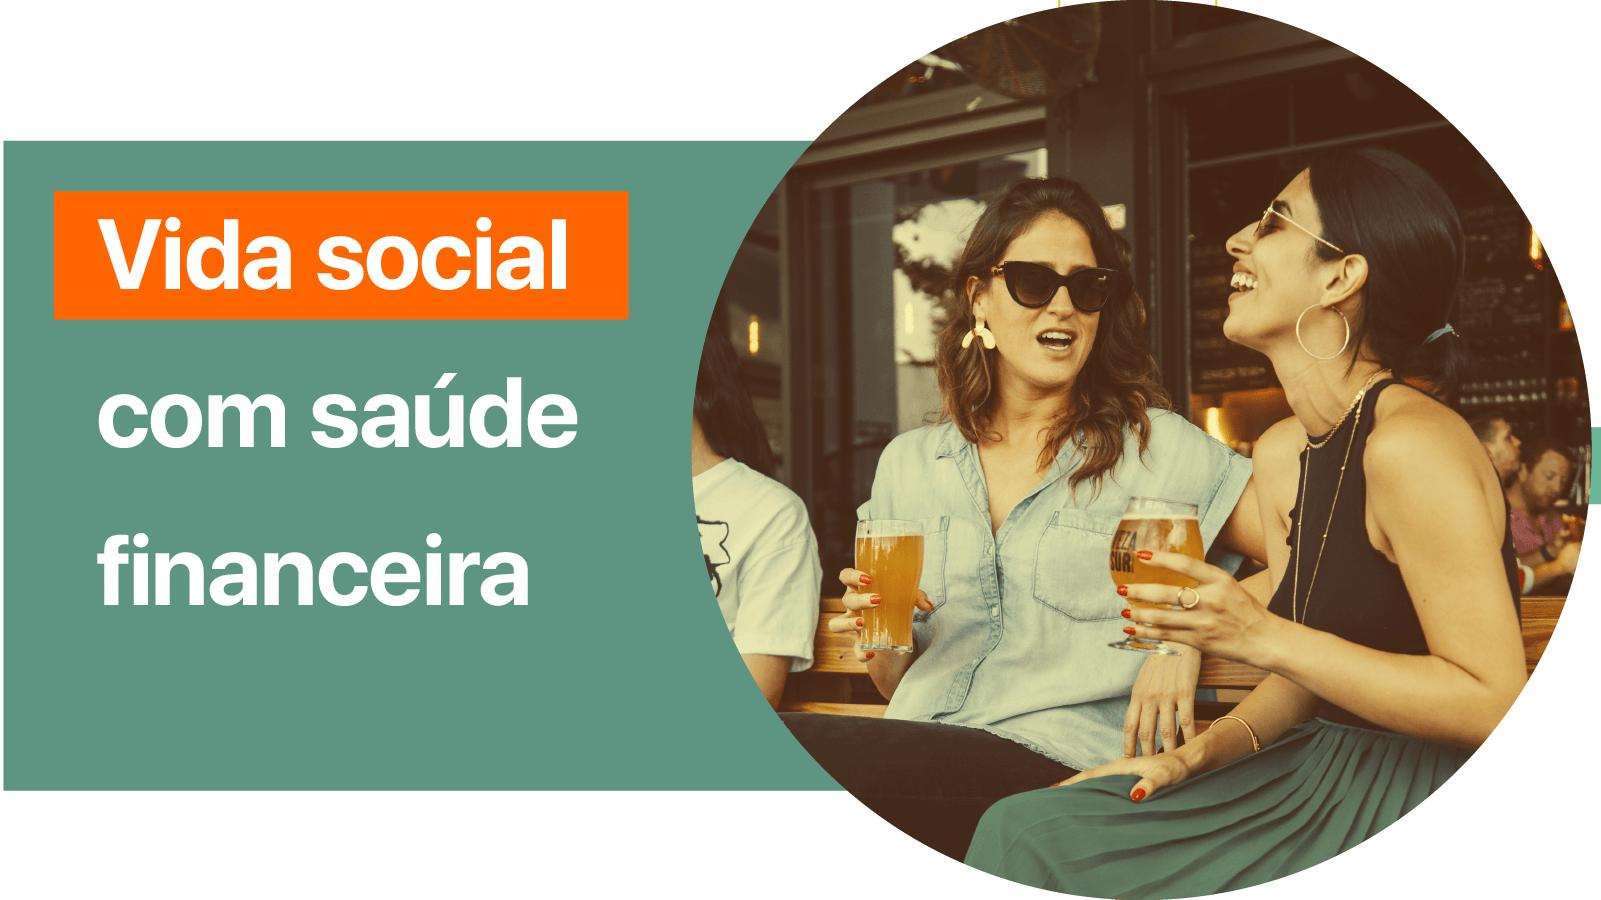 Tenha vida social com saúde financeira